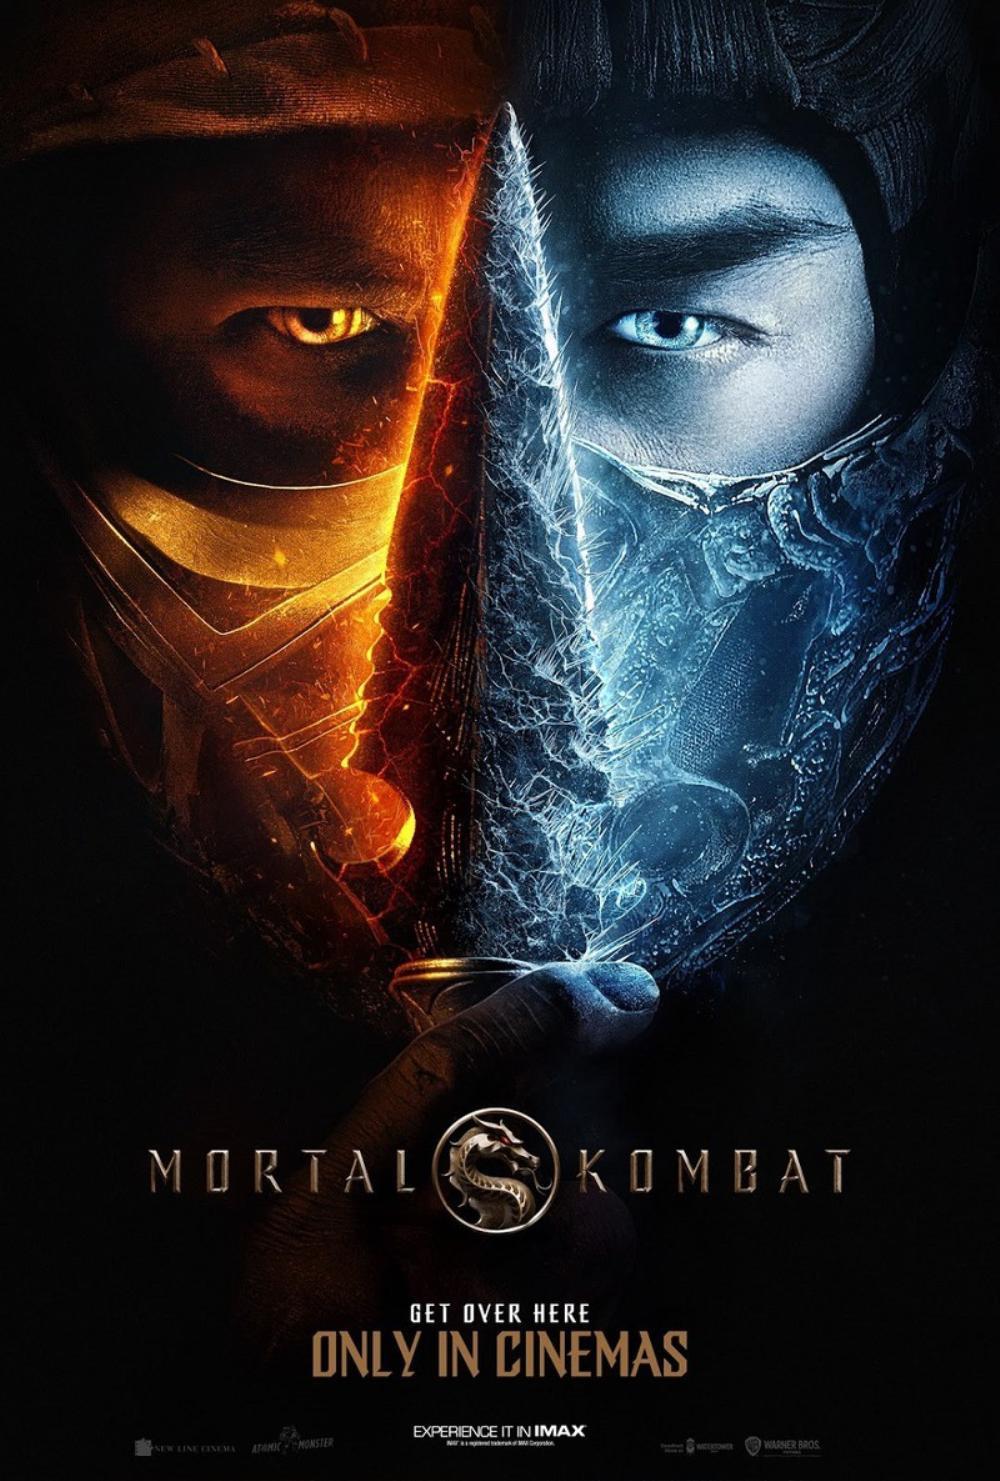 Huỳnh Anh tình tứ khoác tay bạn gái 'single mom', ViruSs lẻ bóng đi dự họp báo 'Mortal Kombat' Ảnh 13